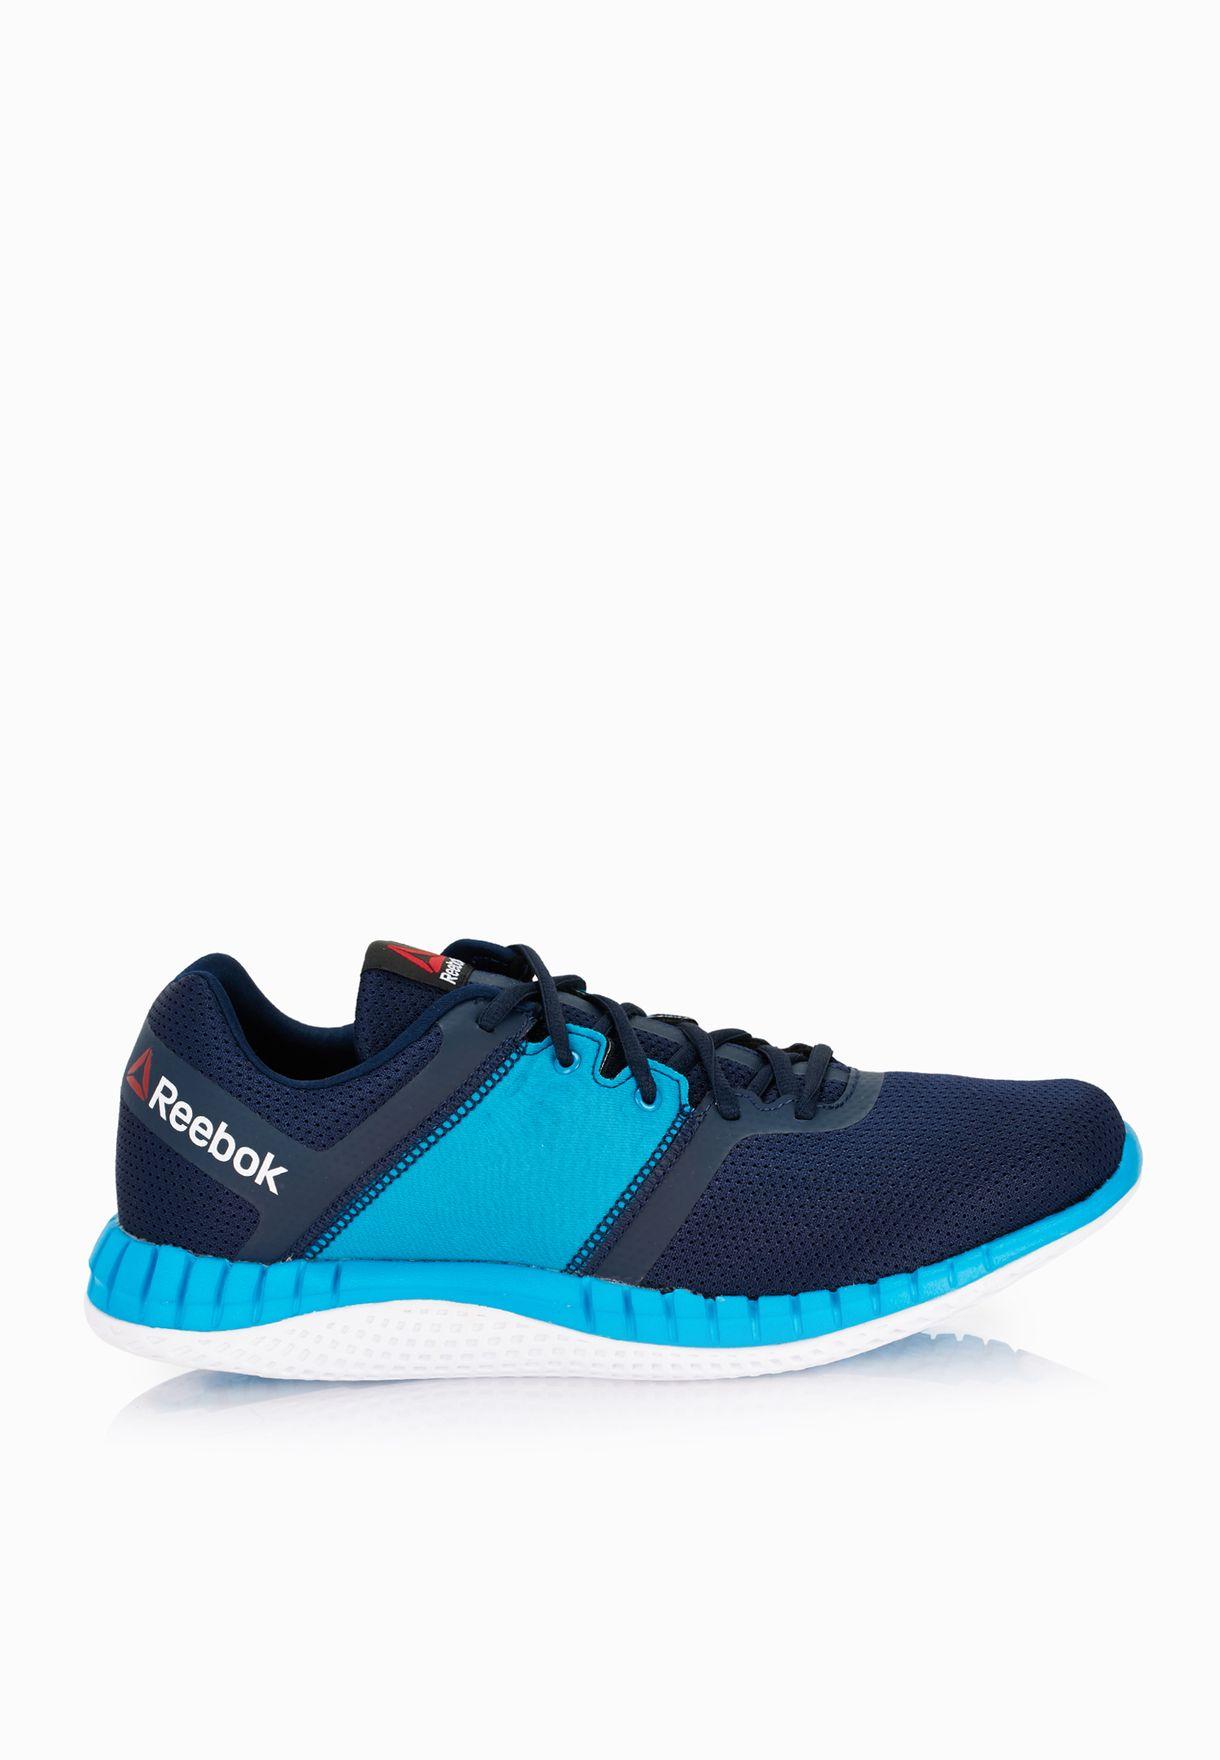 2153c60f6d8 Shop Reebok blue Zprint Run Neo AR3032 for Men in Kuwait - RE019SH81PXU